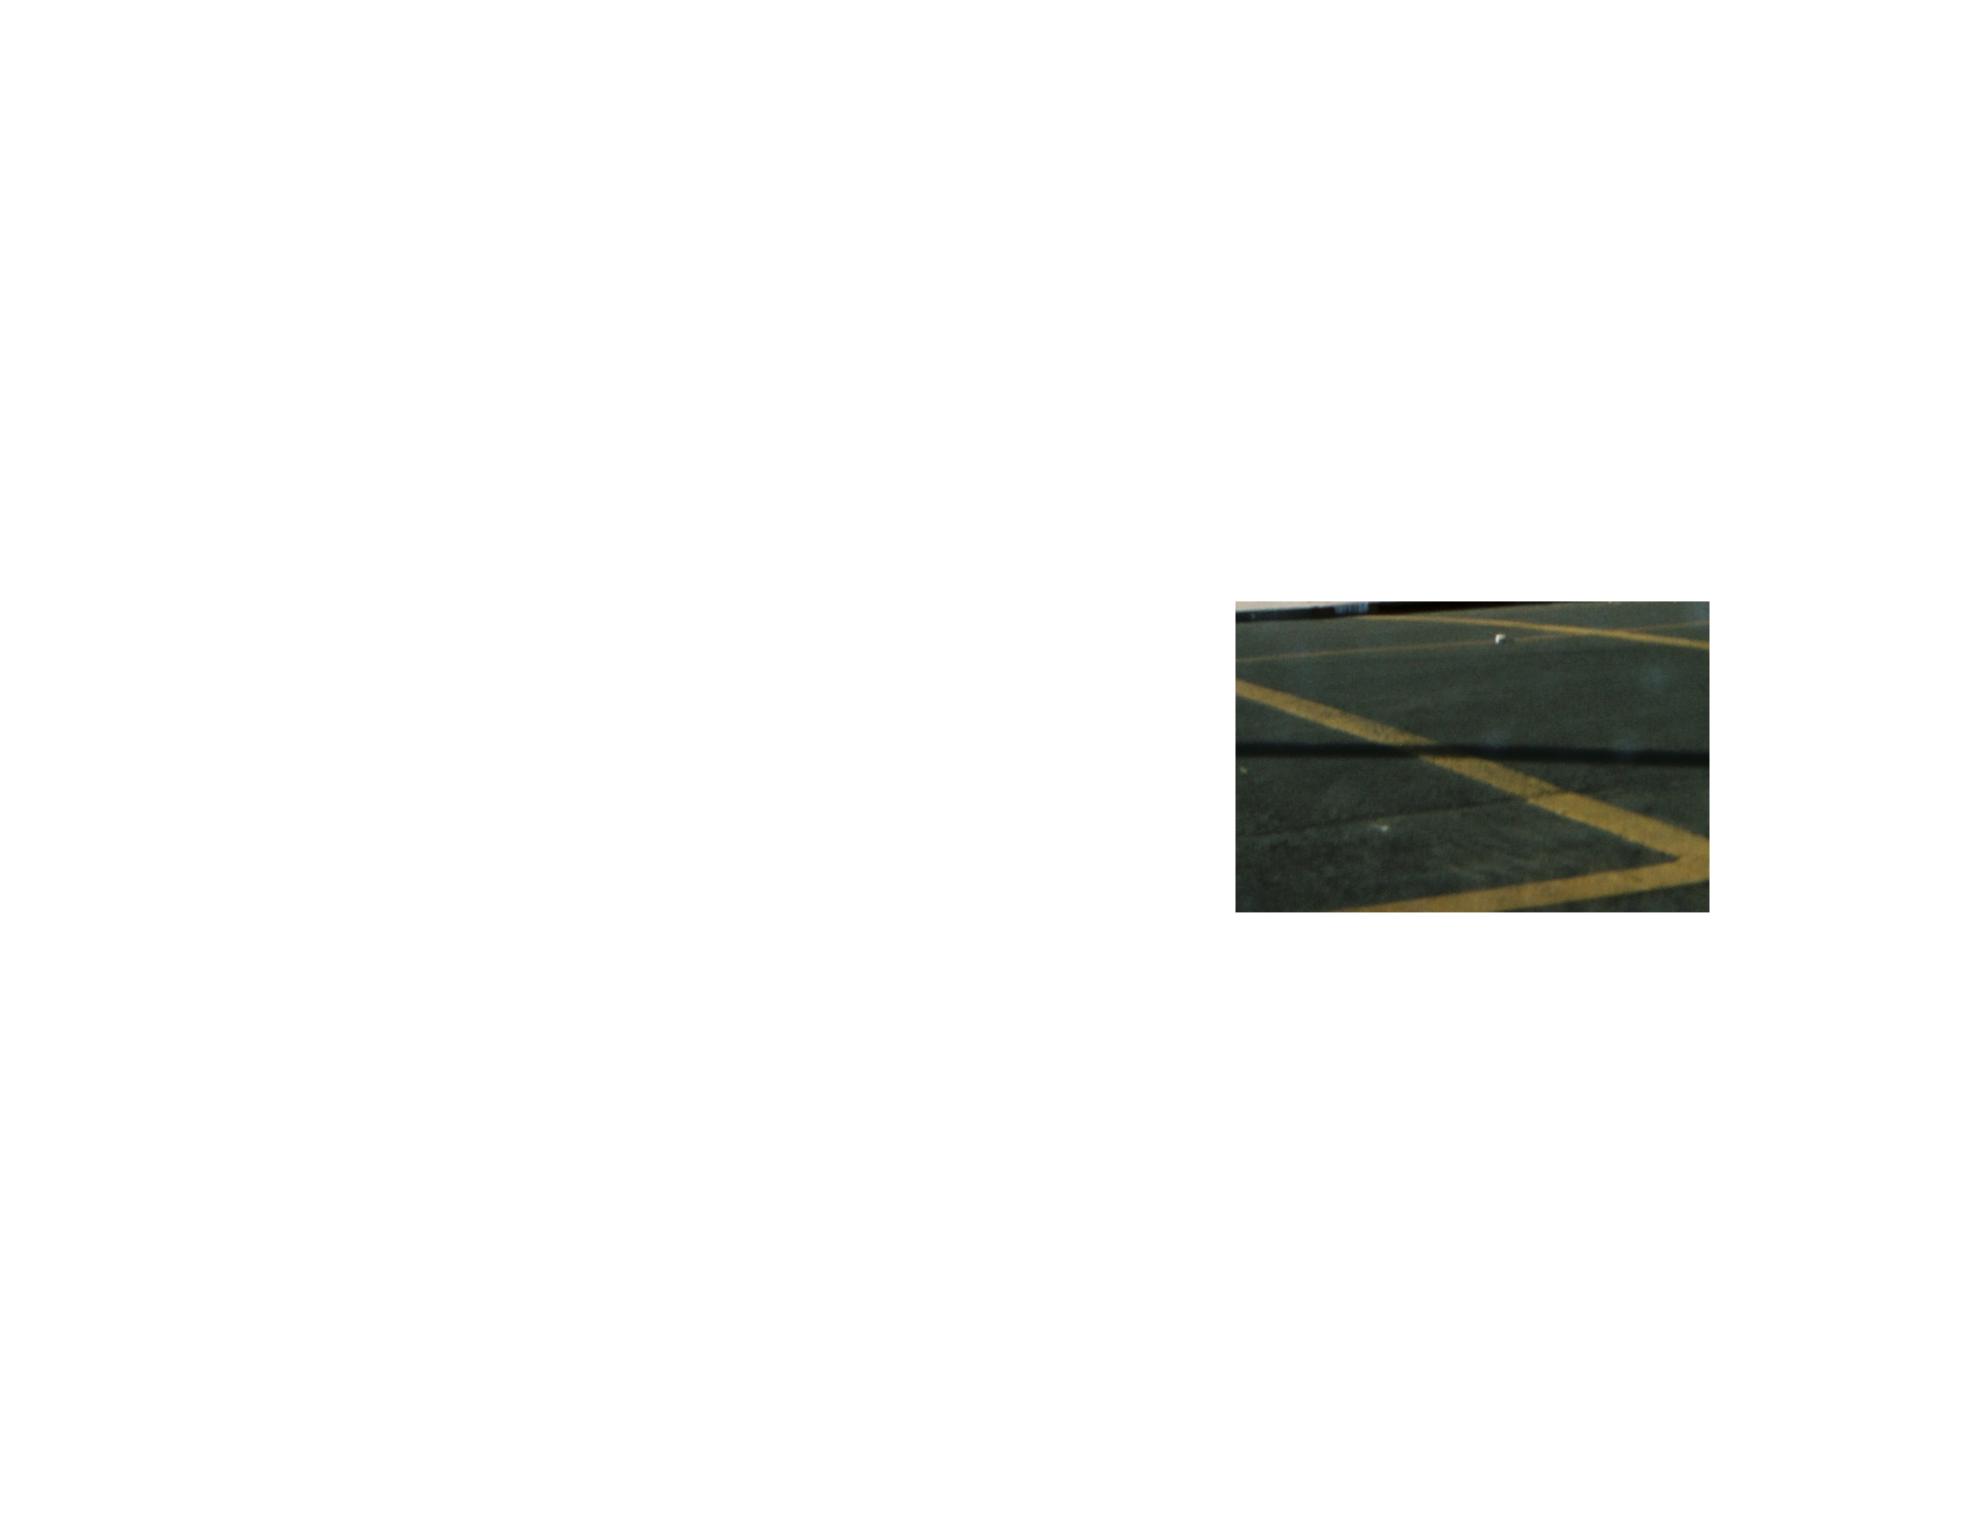 Screen Shot 2019-02-17 at 6.47.05 PM.png